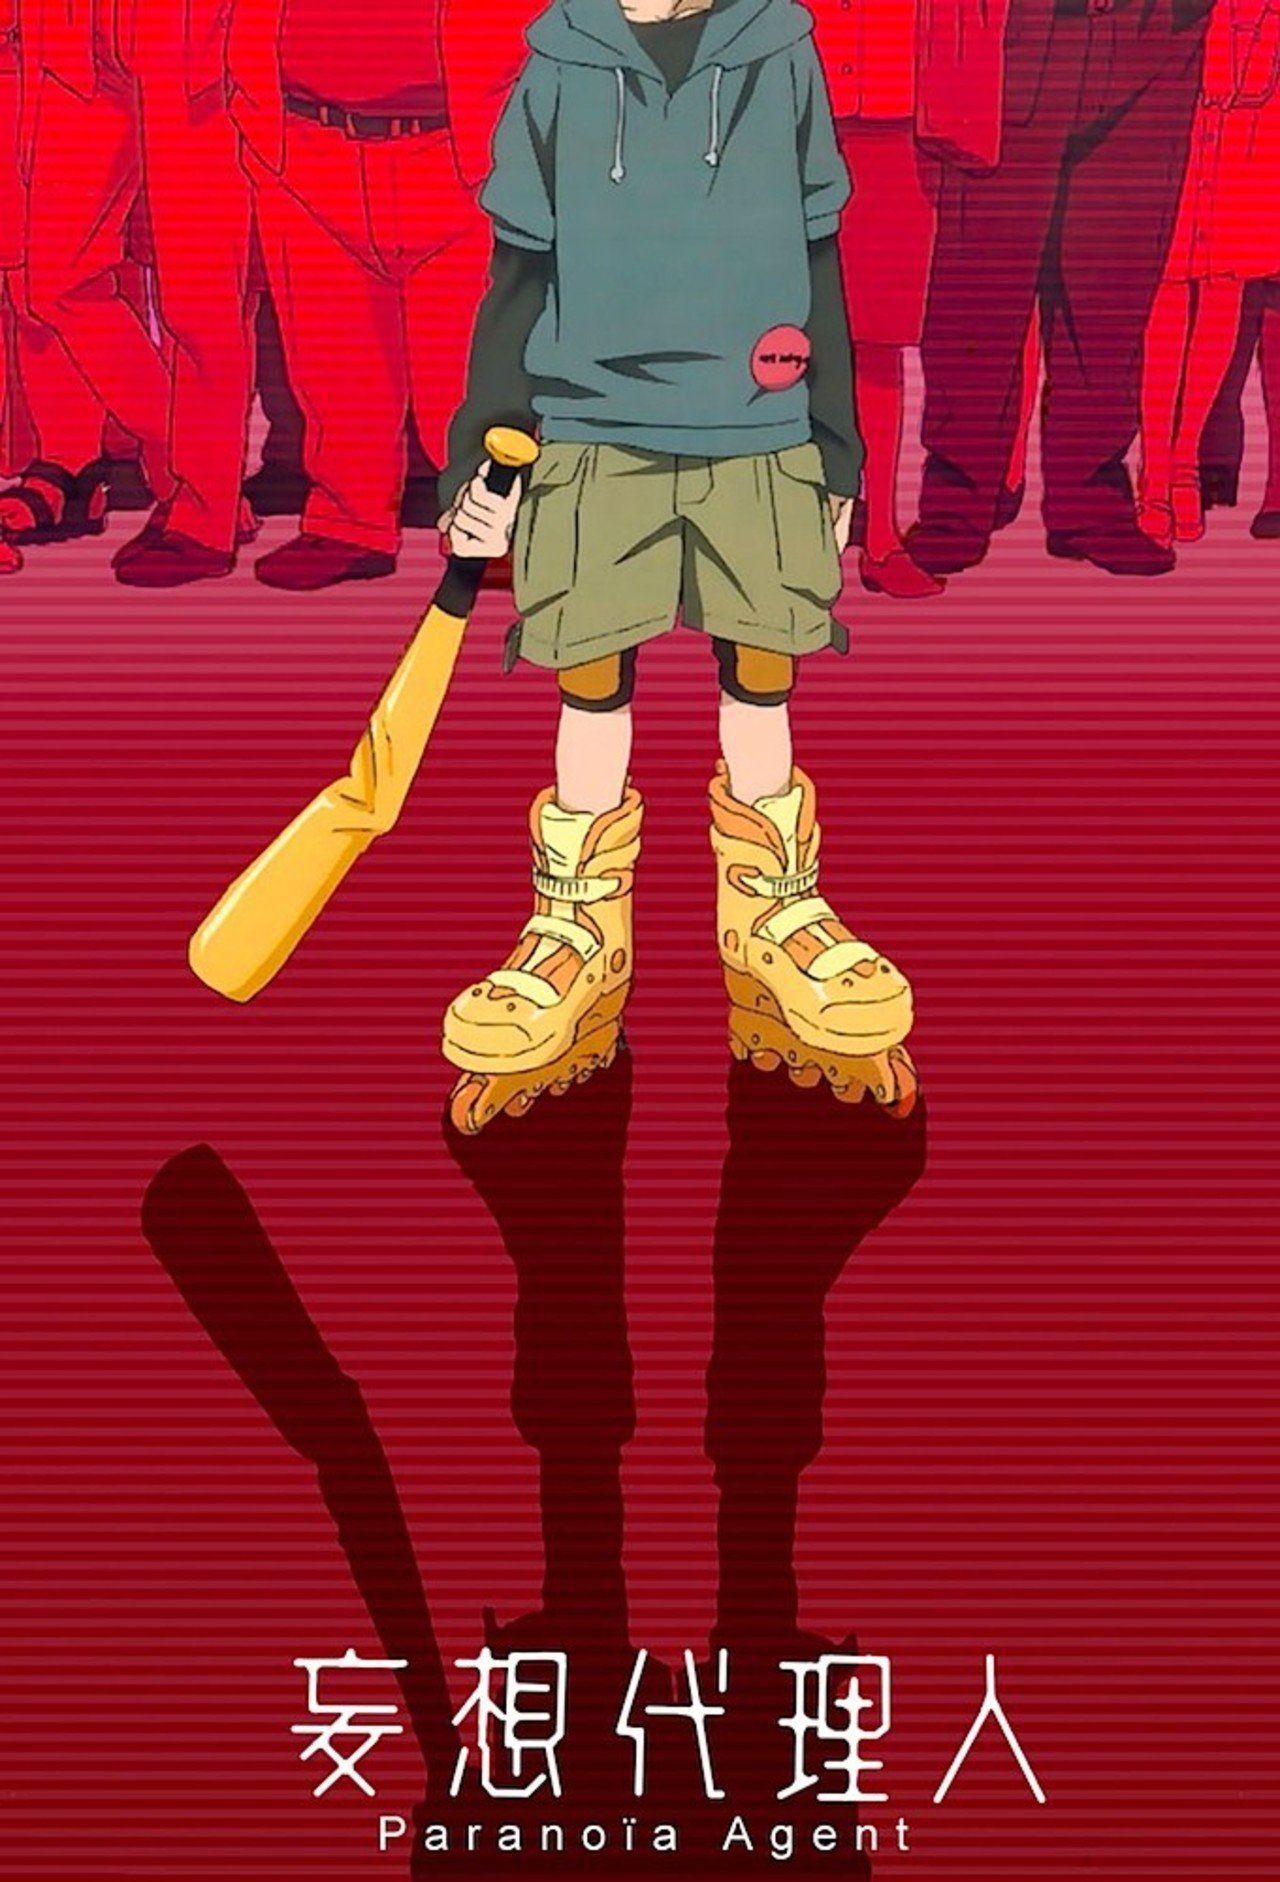 Paranoia agent paranoia japanese animated movies